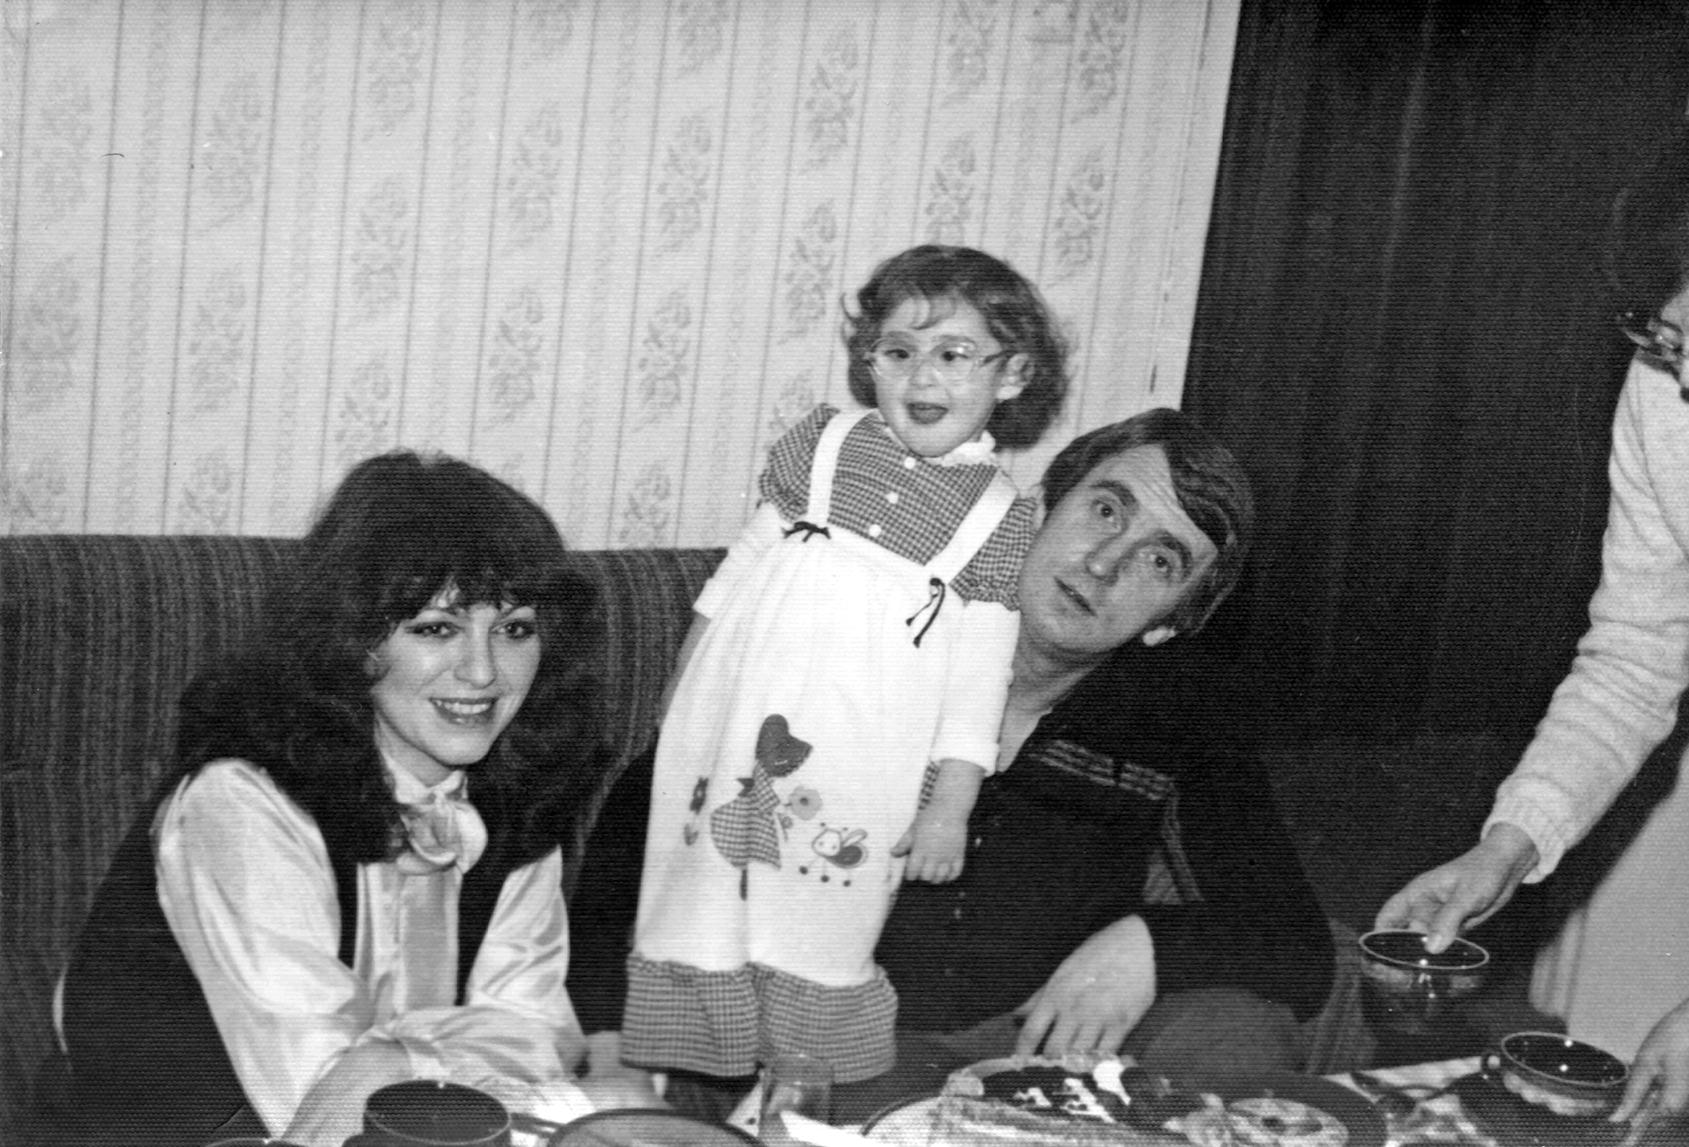 Anna Jantar i Jarosław Kukulski mieszkali w małym mieszkaniu w blokowisku, co i tak było osiągnięciem obrotnego Jarka. Wcześniej gnieździli się w kawalerce. Marzyli o maluchu. (fot. prywatne archiwum Natalii Kukulskiej)